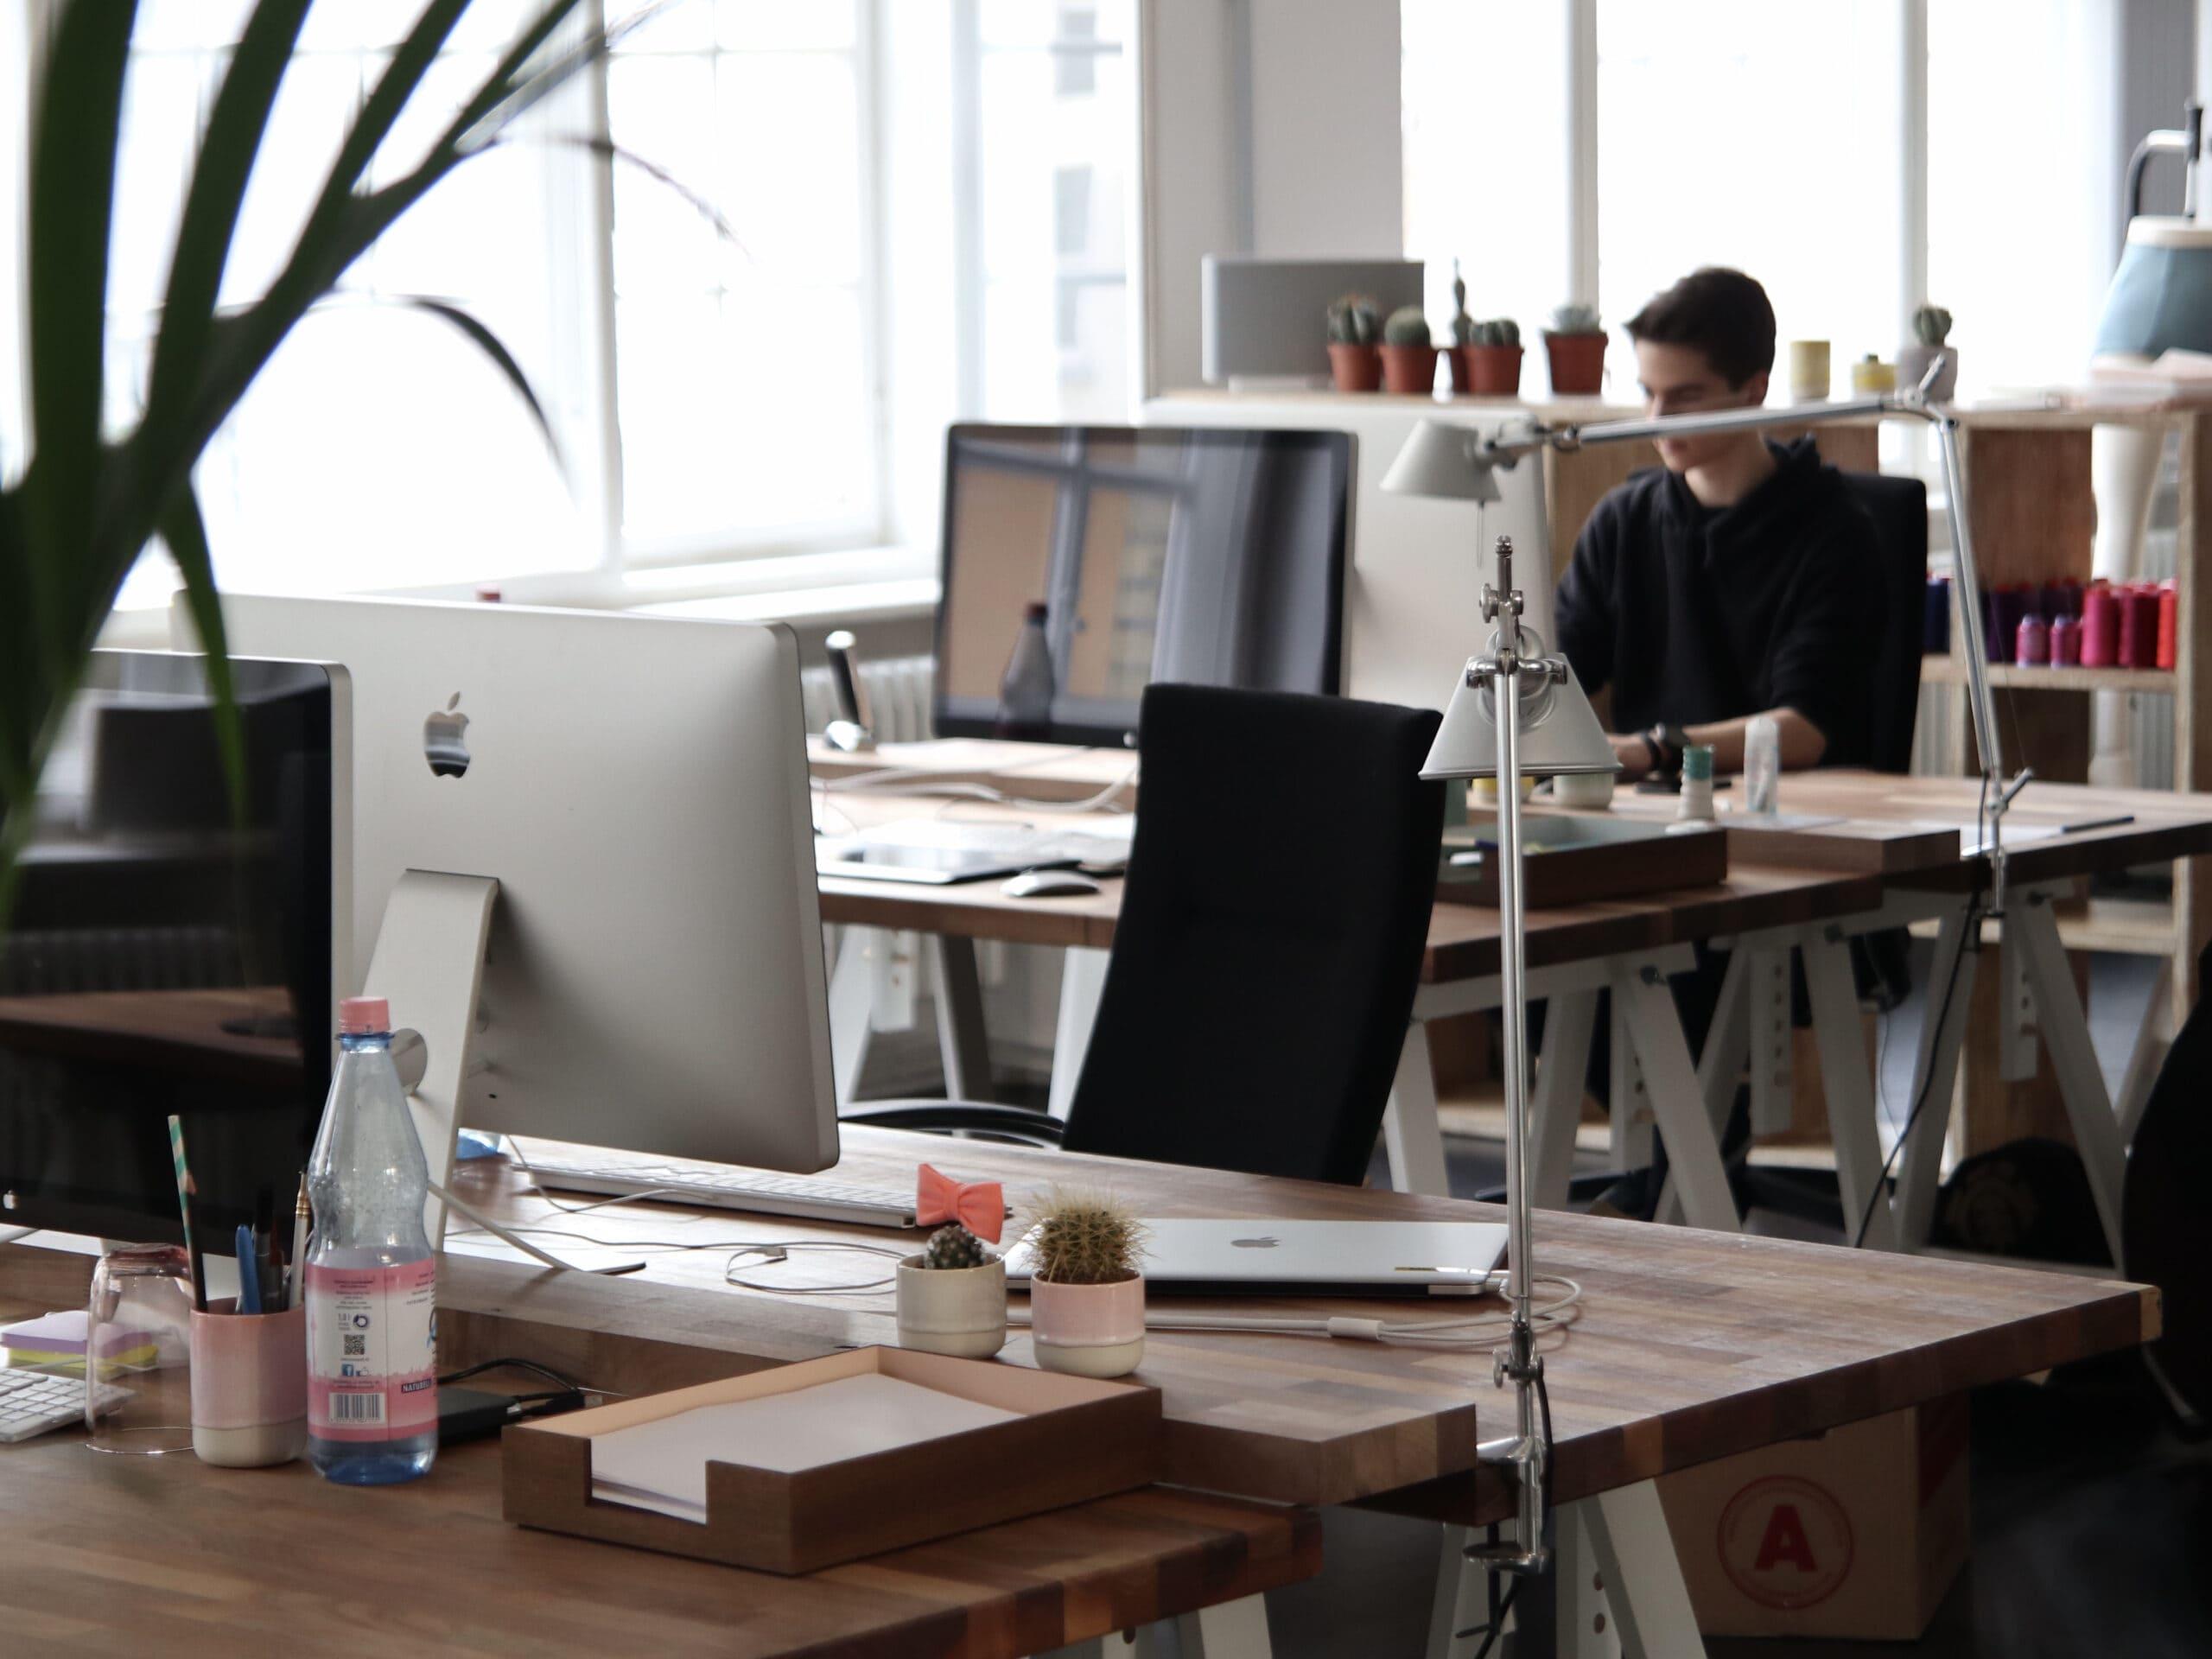 Büro_Holztsiche_Computer_retro